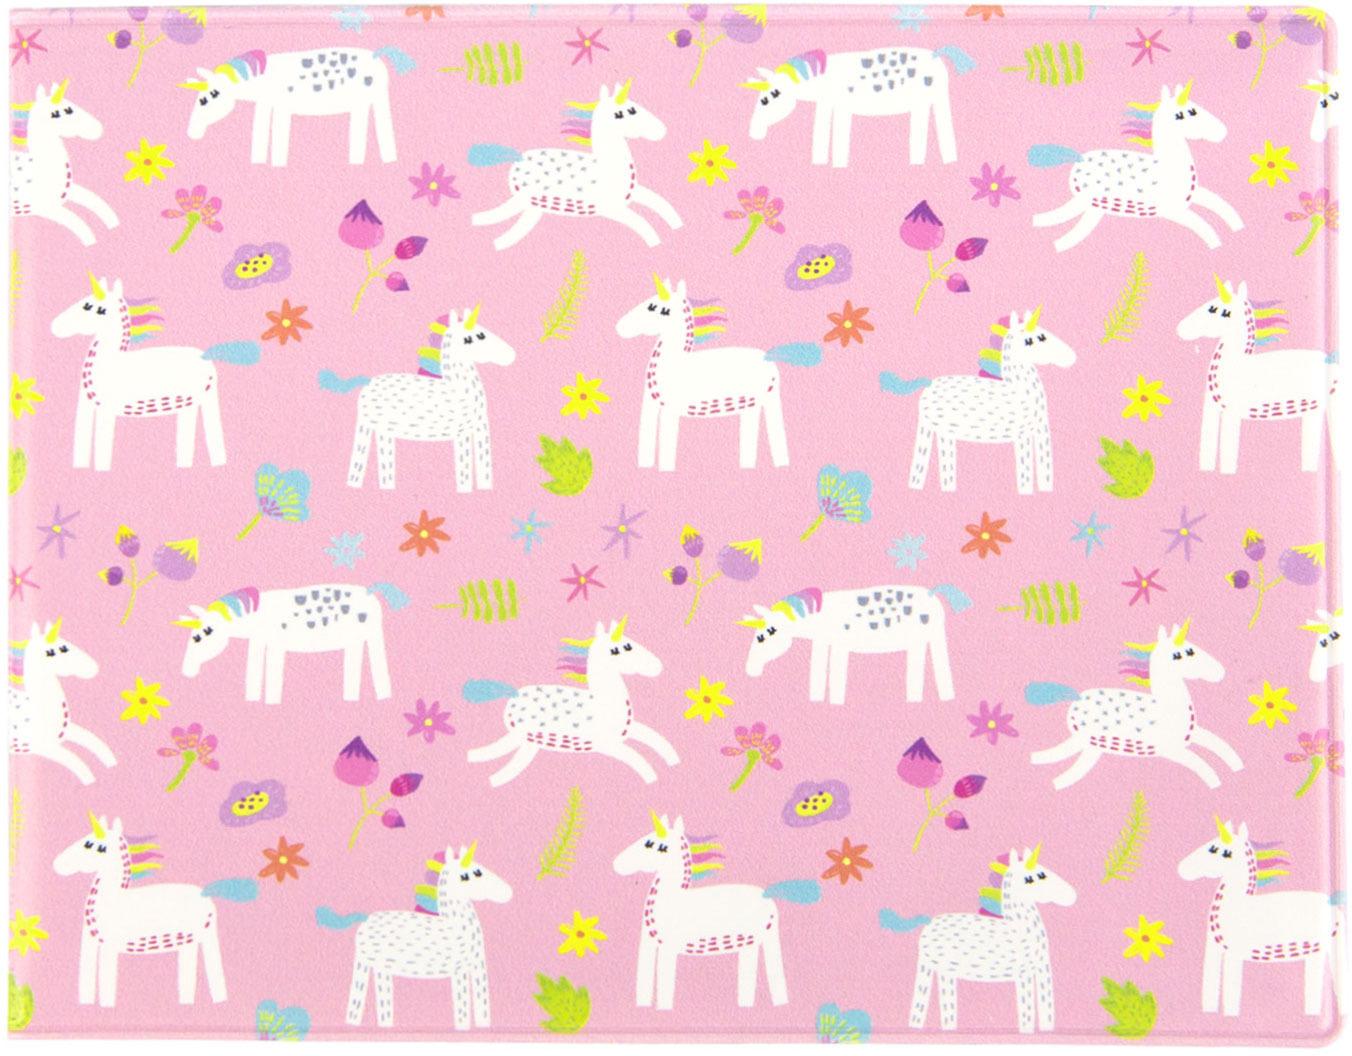 Обложка на студенческий билет Kawaii Factory Радужный пони, цвет: белый, розовый. KW067-000141 обложка на студенческий билет kawaii factory мастер спорта по неадекватности цвет белый оранжевый kw067 000133